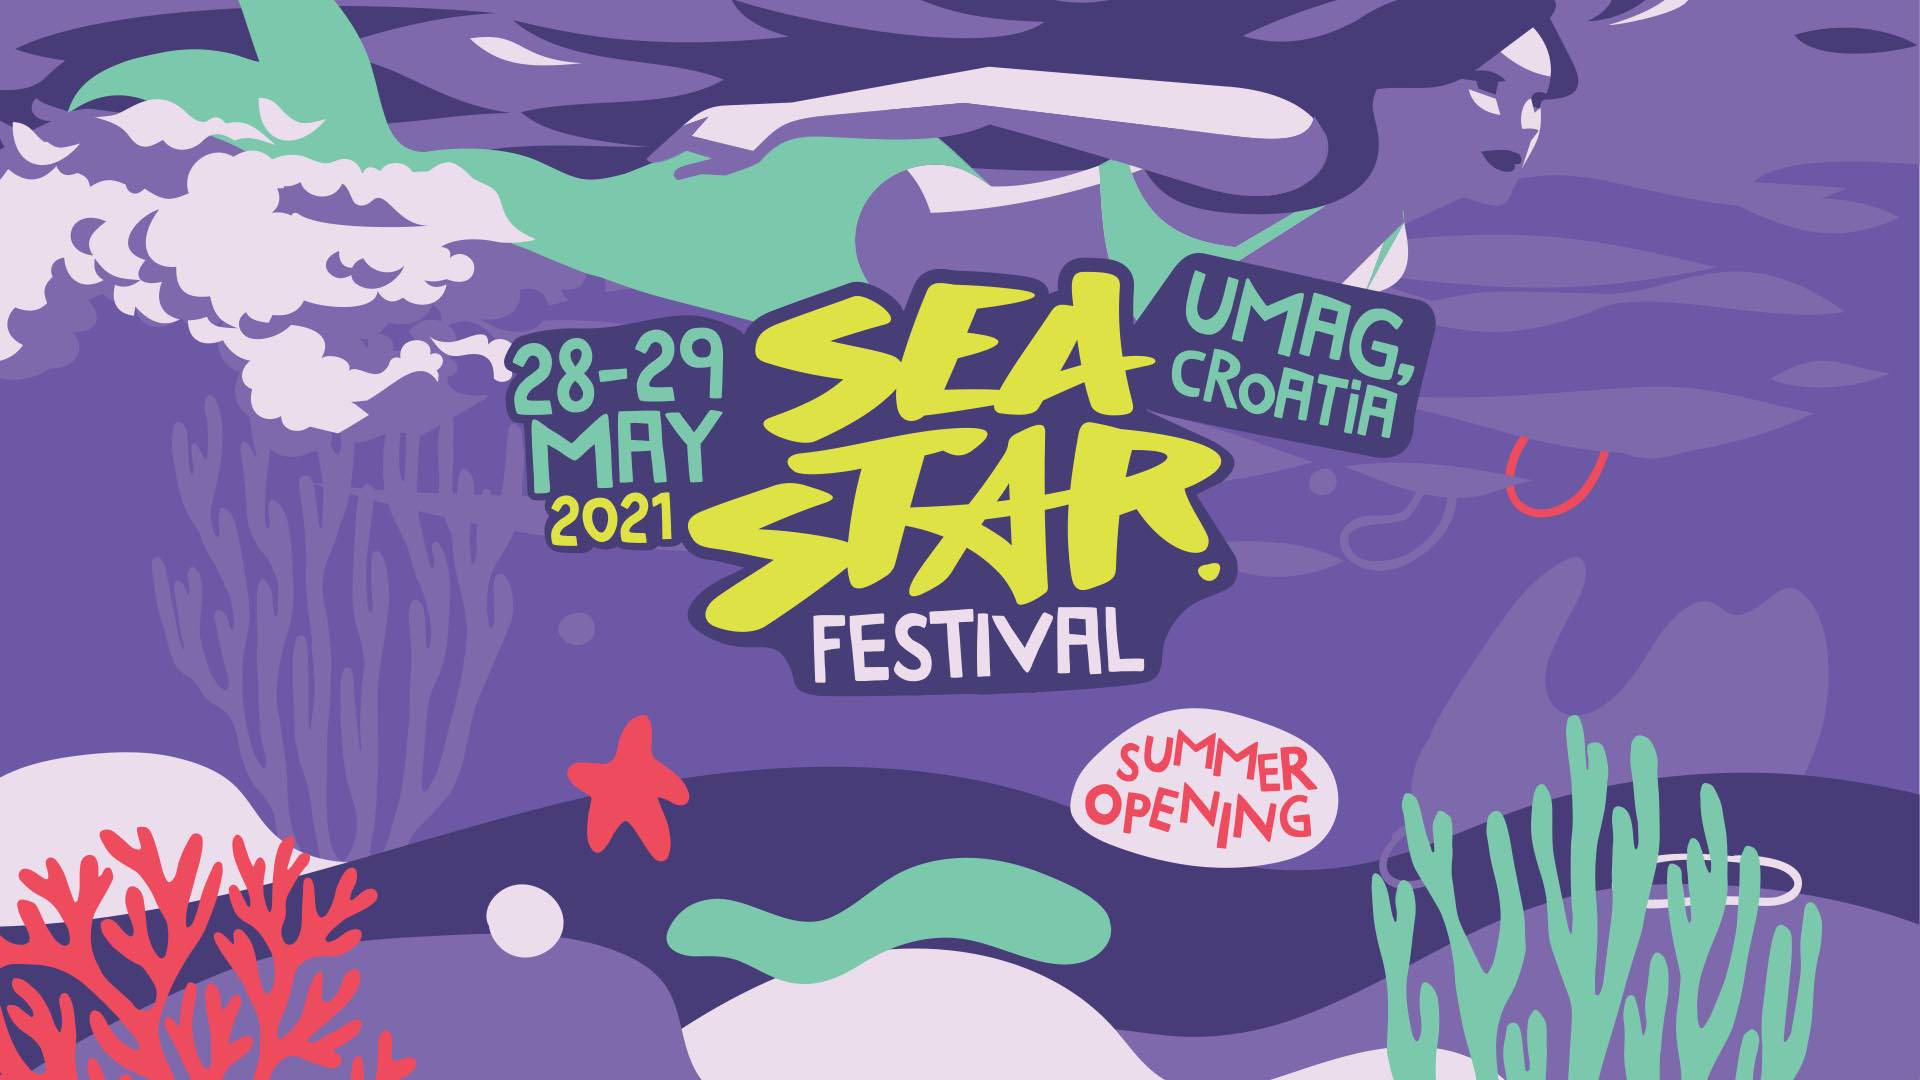 Sea Star Festival prebačen na svibanj 2021. uz iste izvođače